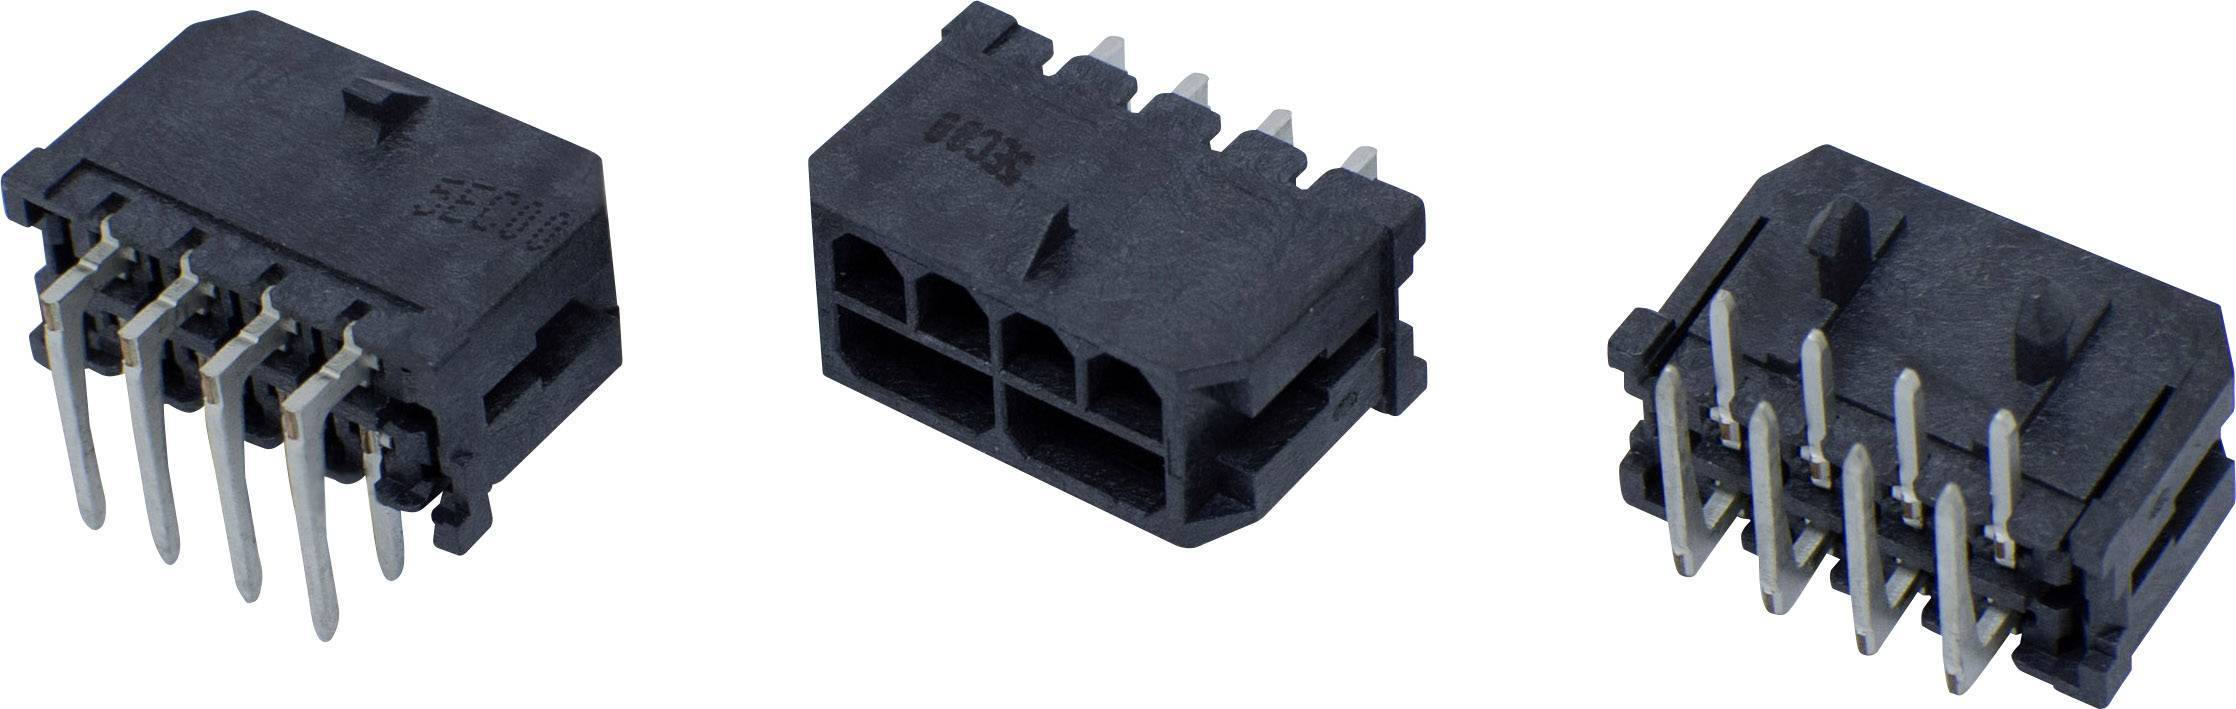 Pinová lišta (standardní) BellWether 70095-1608, pólů 16, rozteč 3 mm, 1 ks